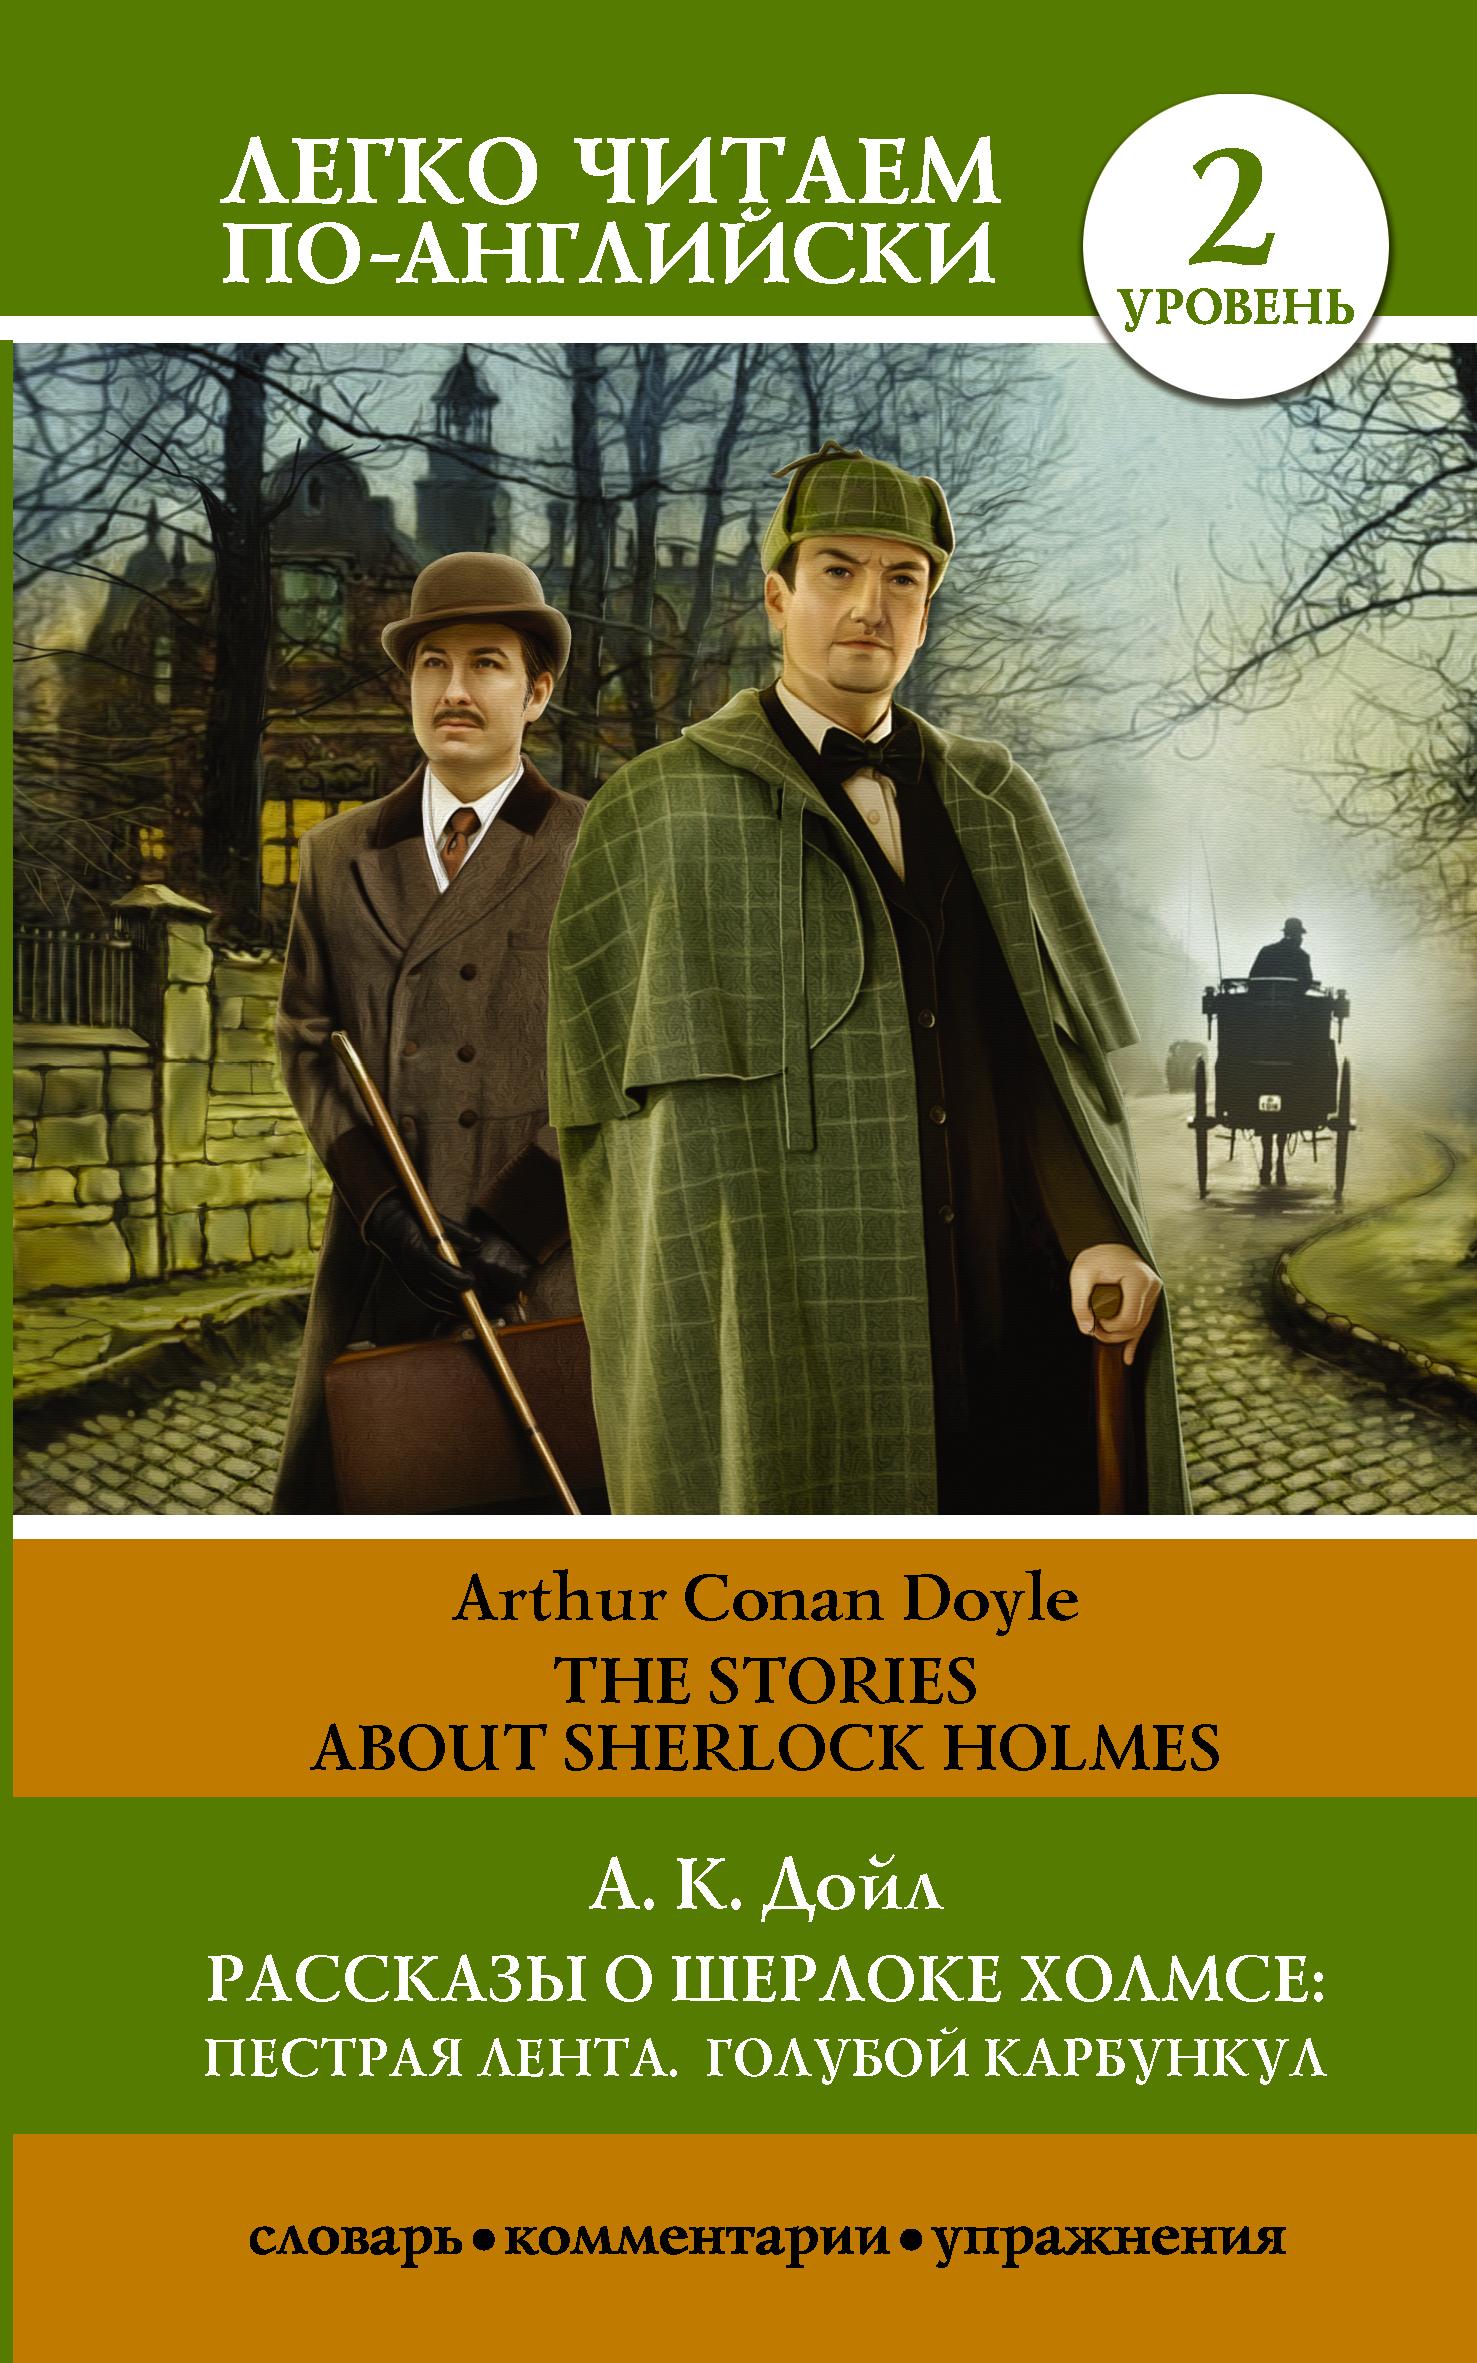 Рассказы о Шерлоке Холмсе: Пестрая лента. Голубой карбункул. Уровень 2 ( Дойл А.К.  )